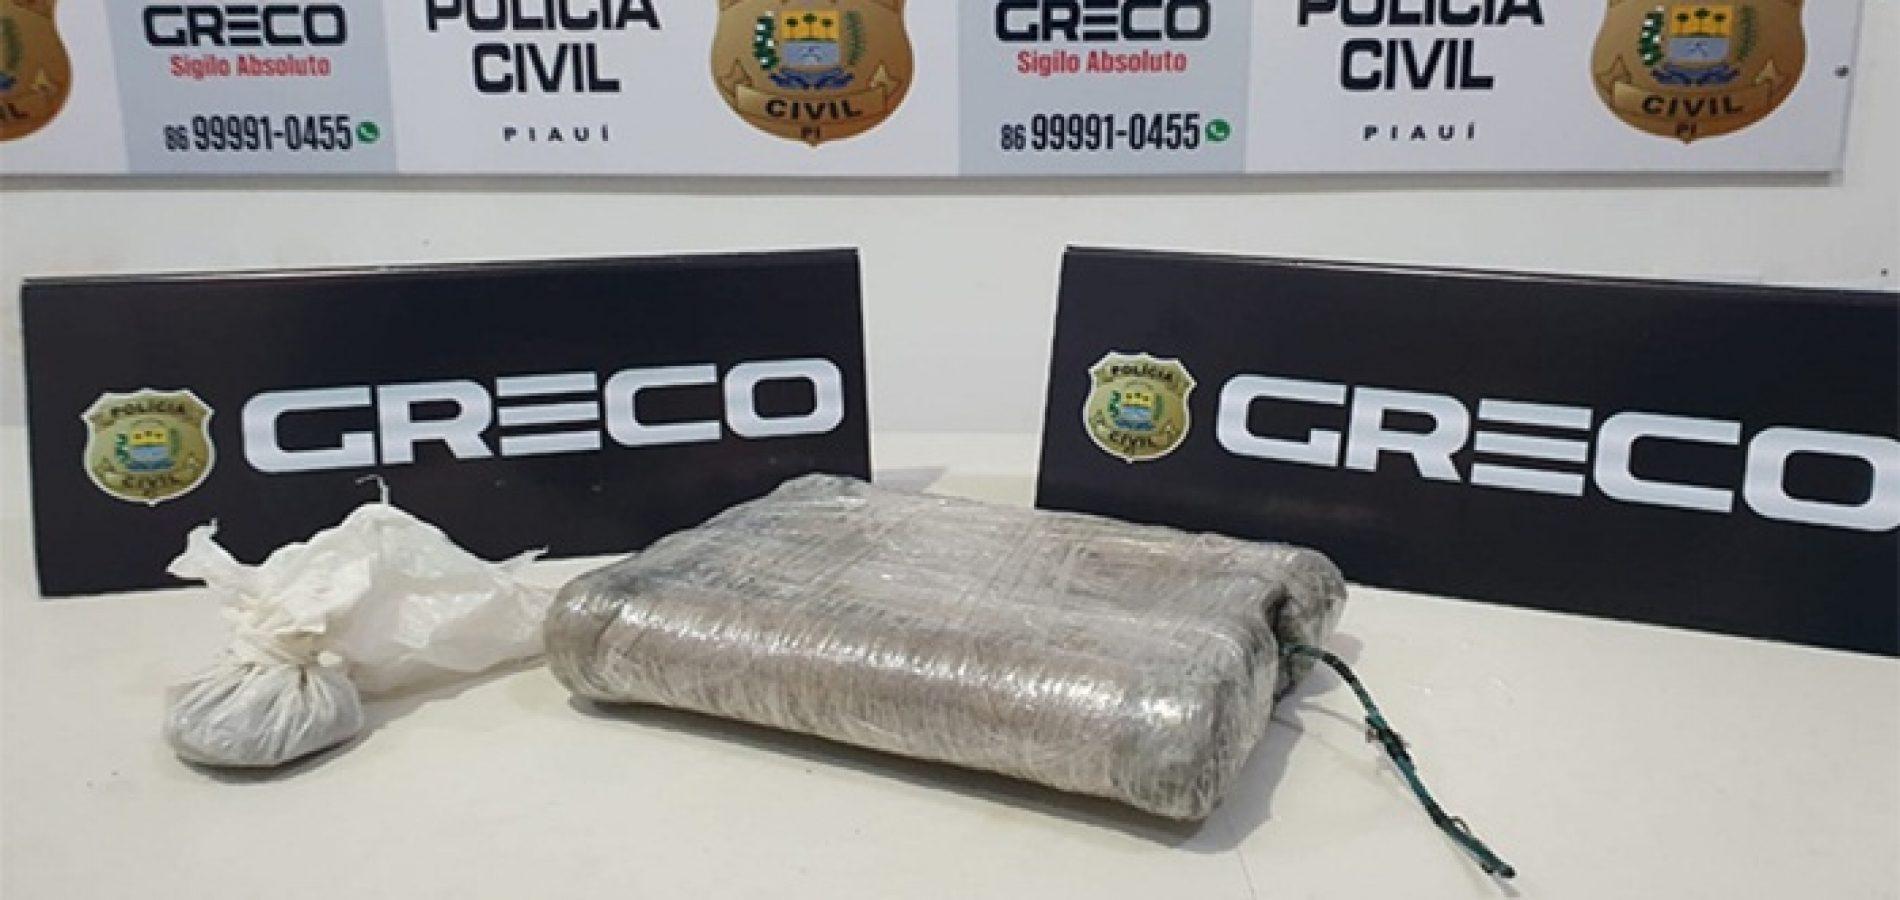 Greco apreende artefato explosivo durante buscas em cidade do Piauí